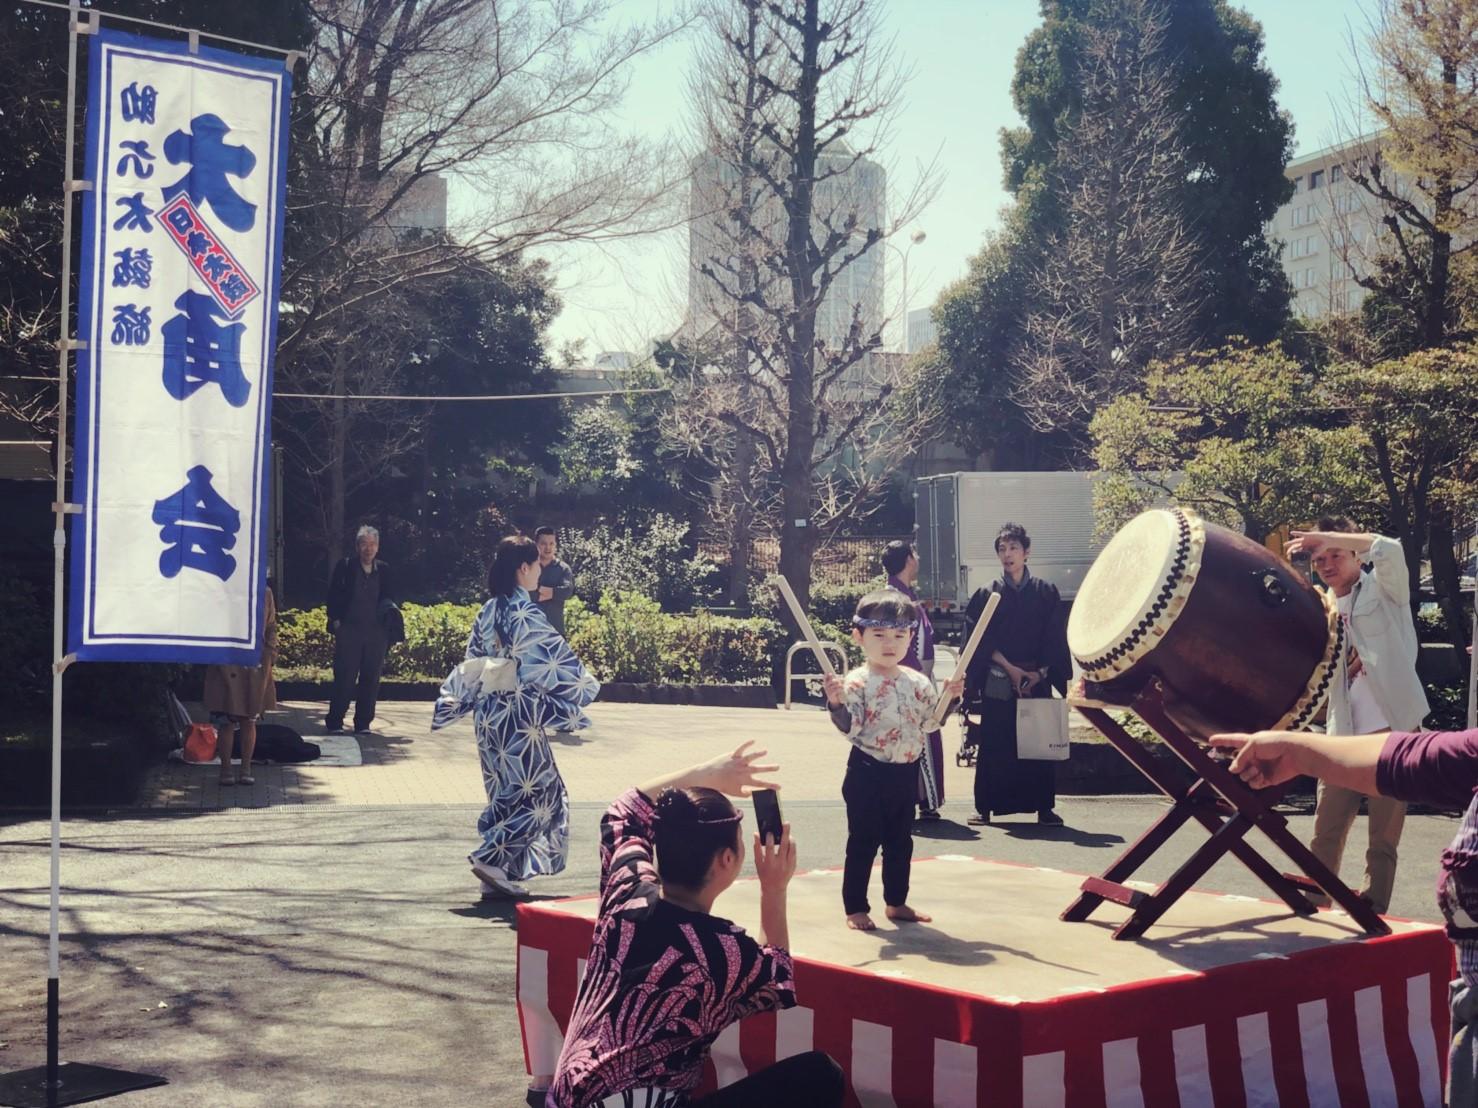 2018/03/25 芝公園盆踊り大会_180325_0009